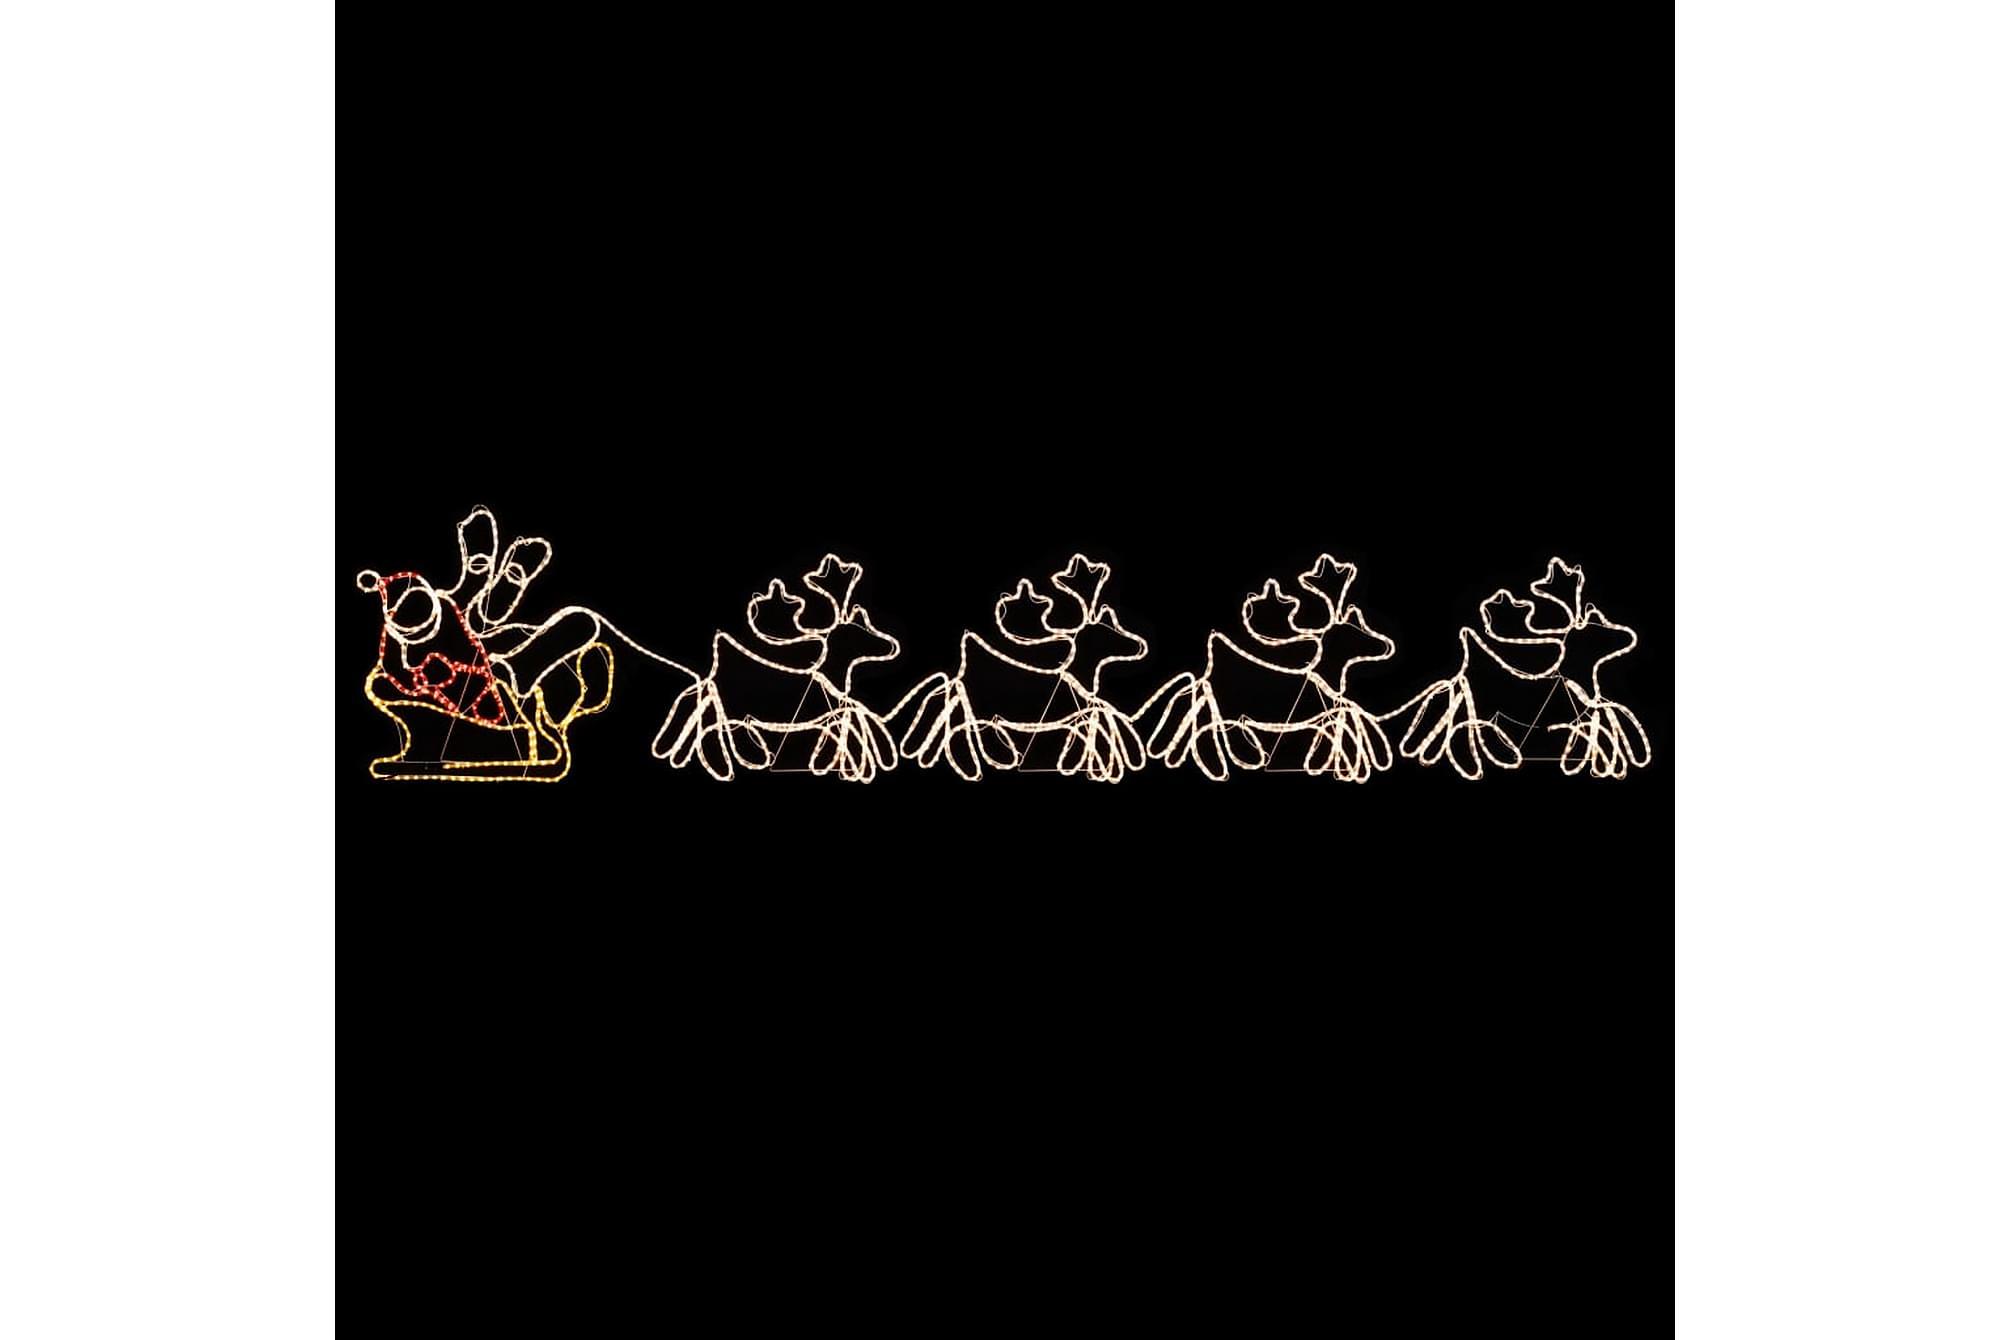 Julbelysning 4 renar och släde 500x10x80 cm